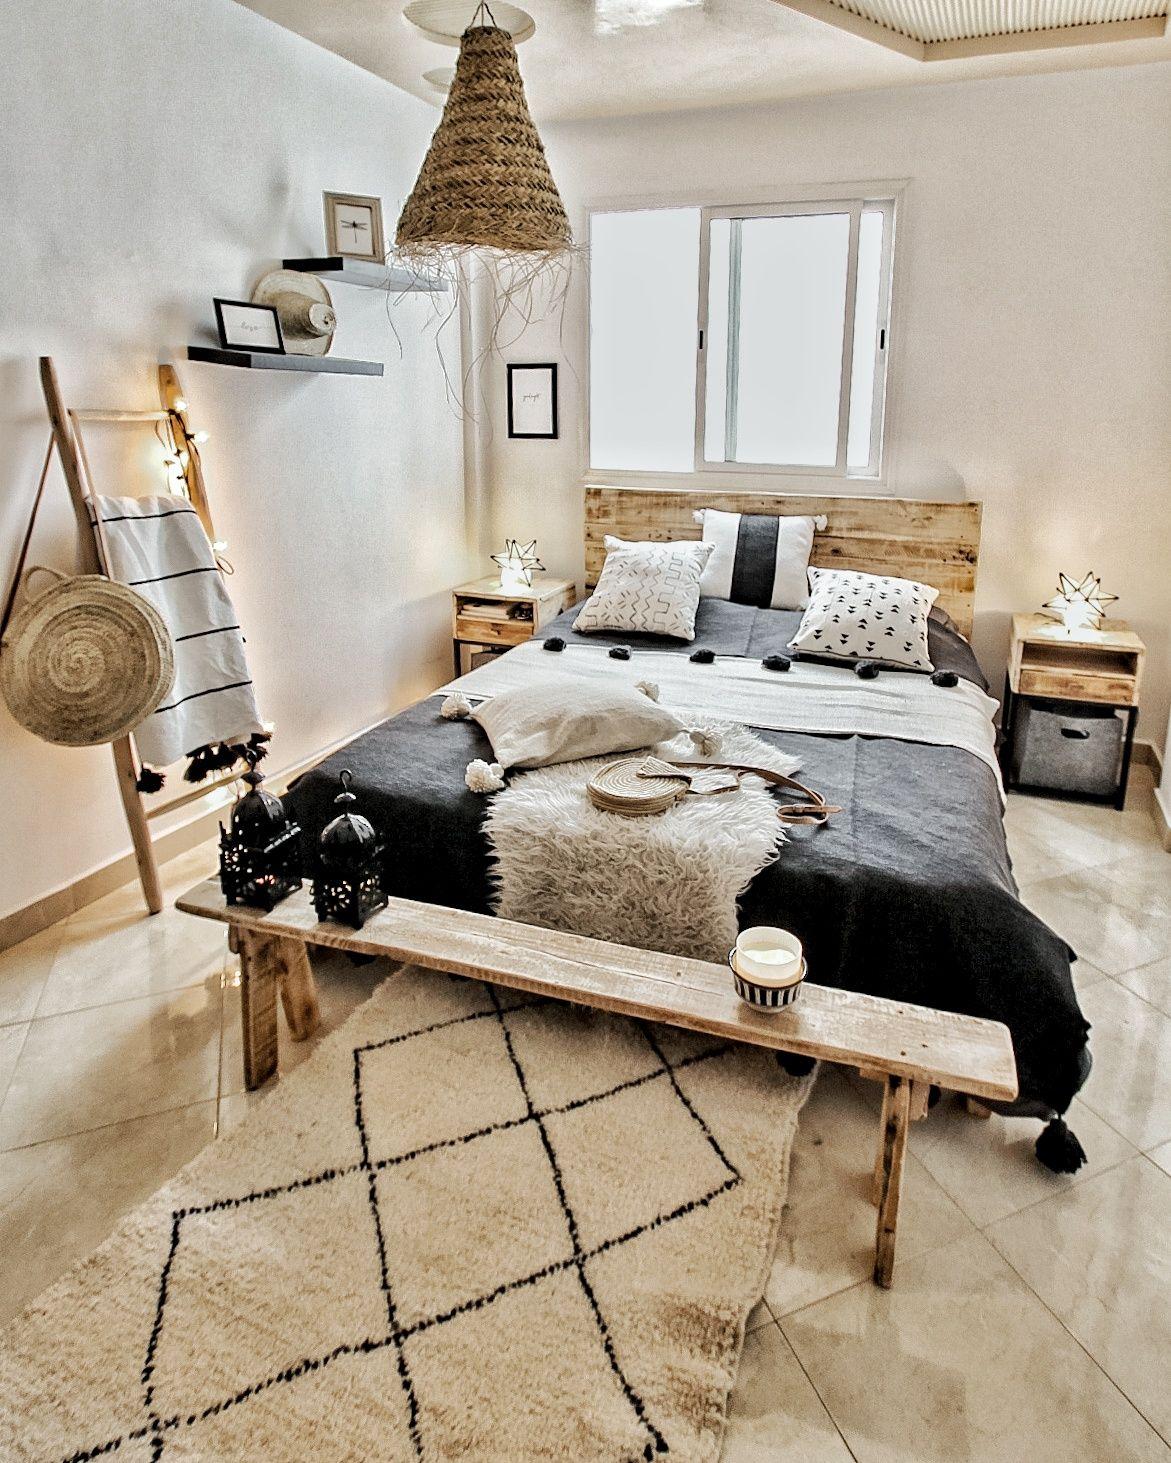 Boho Bedroom mit marokkanischen Textilien und